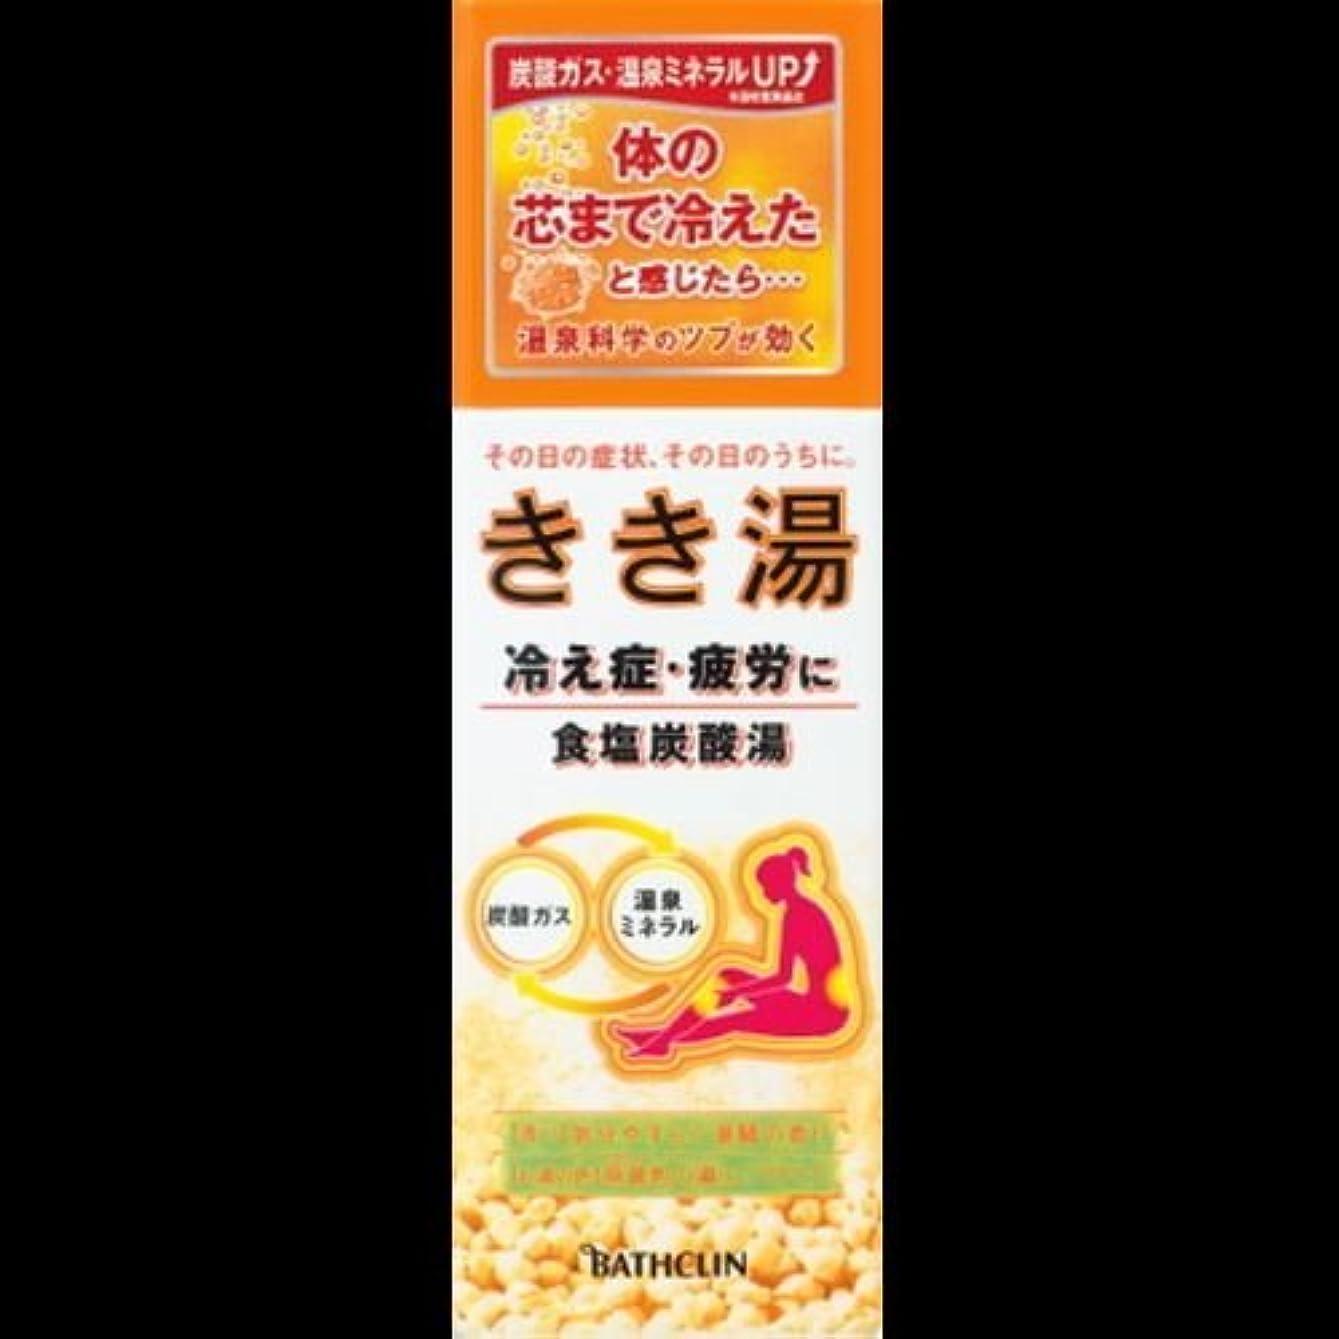 小康出演者地域の[バスクリン]きき湯 食塩炭酸湯 360g(約12回分)